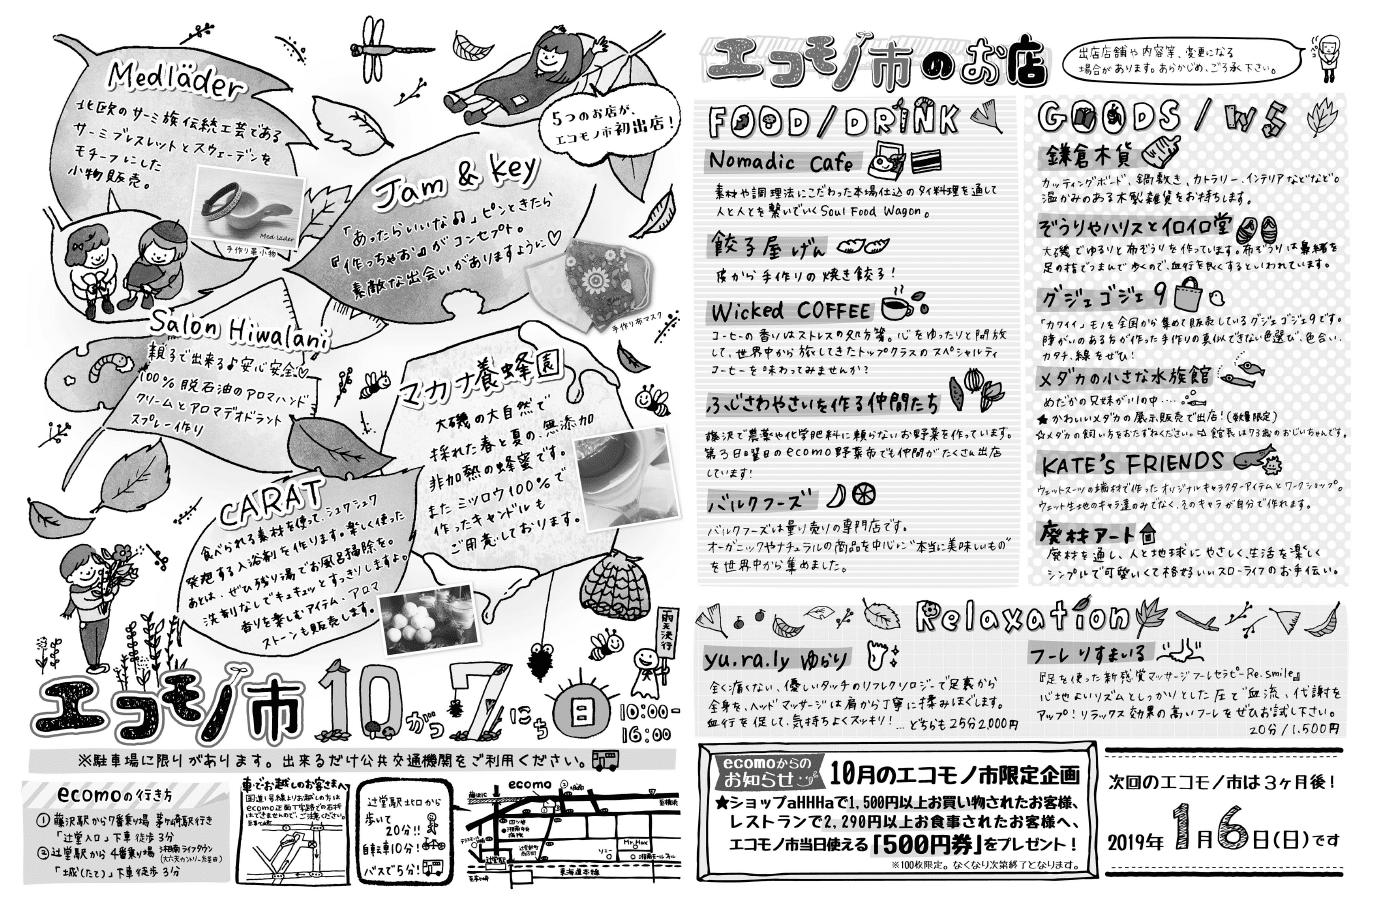 10月7日 エコモノ市